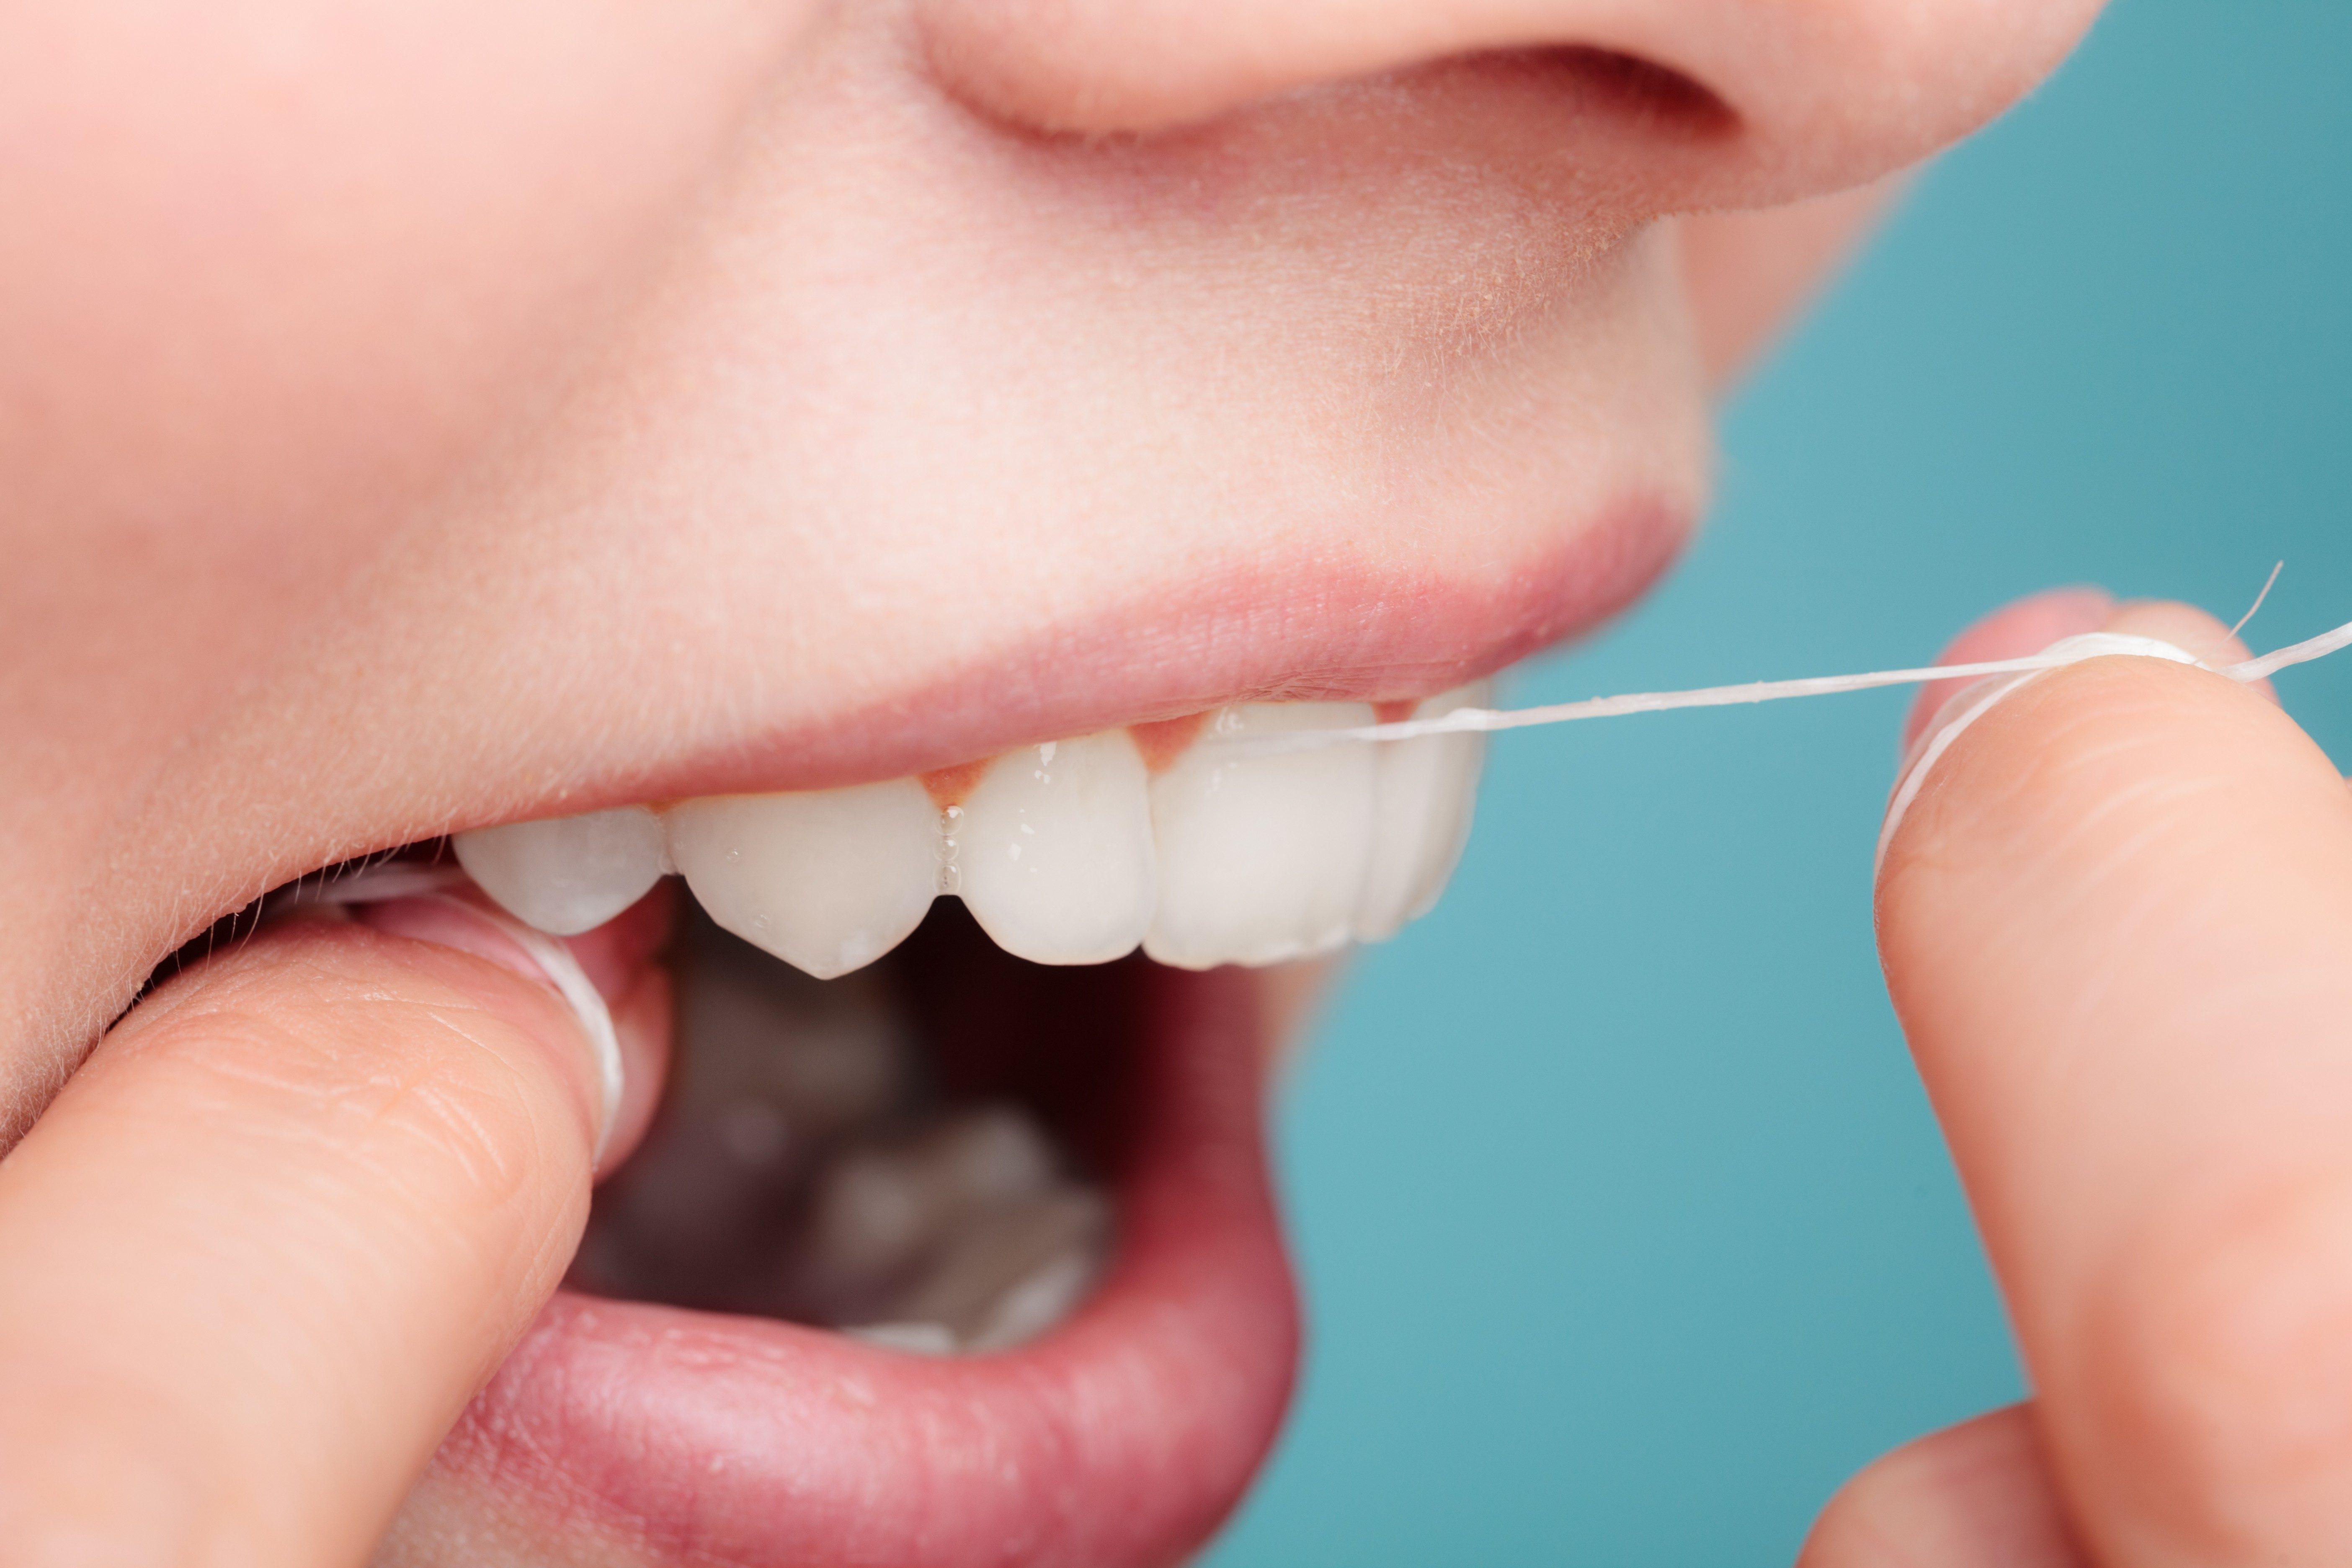 Women flossing her teeth